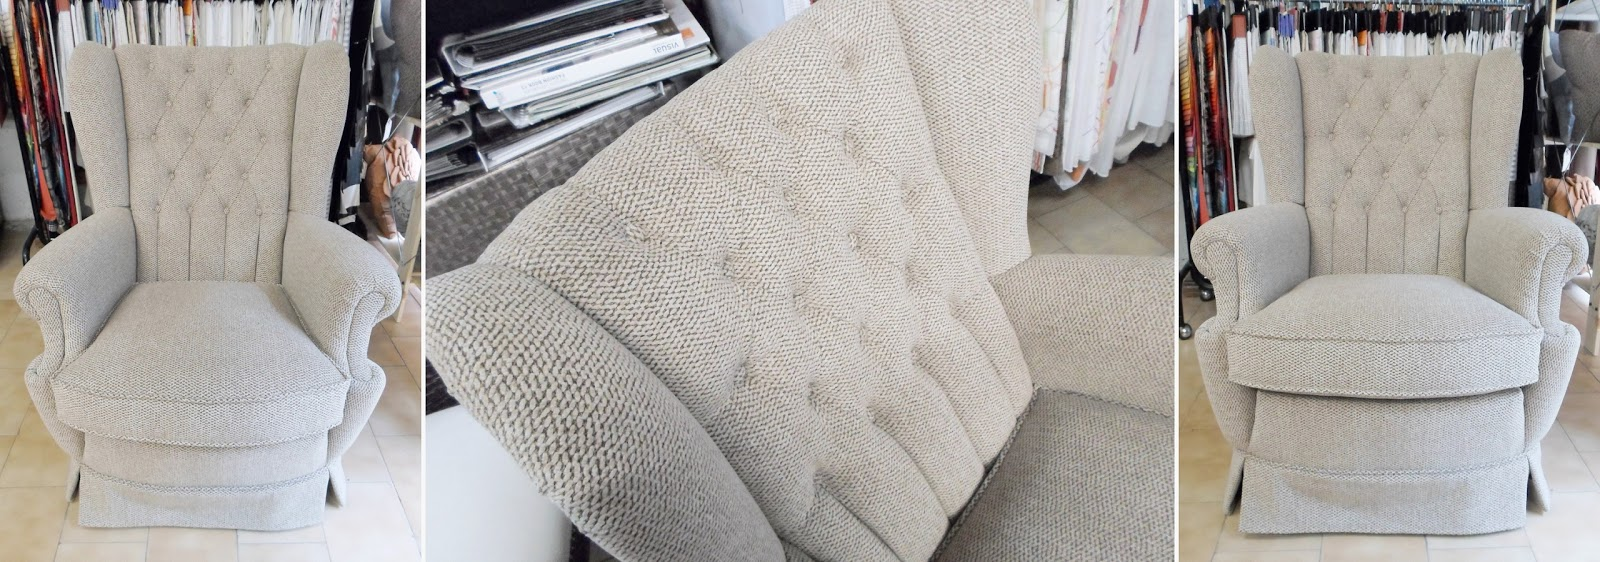 Tapicer a carrasco asturias el tapizado capiton - Tejidos para tapizar sillas ...